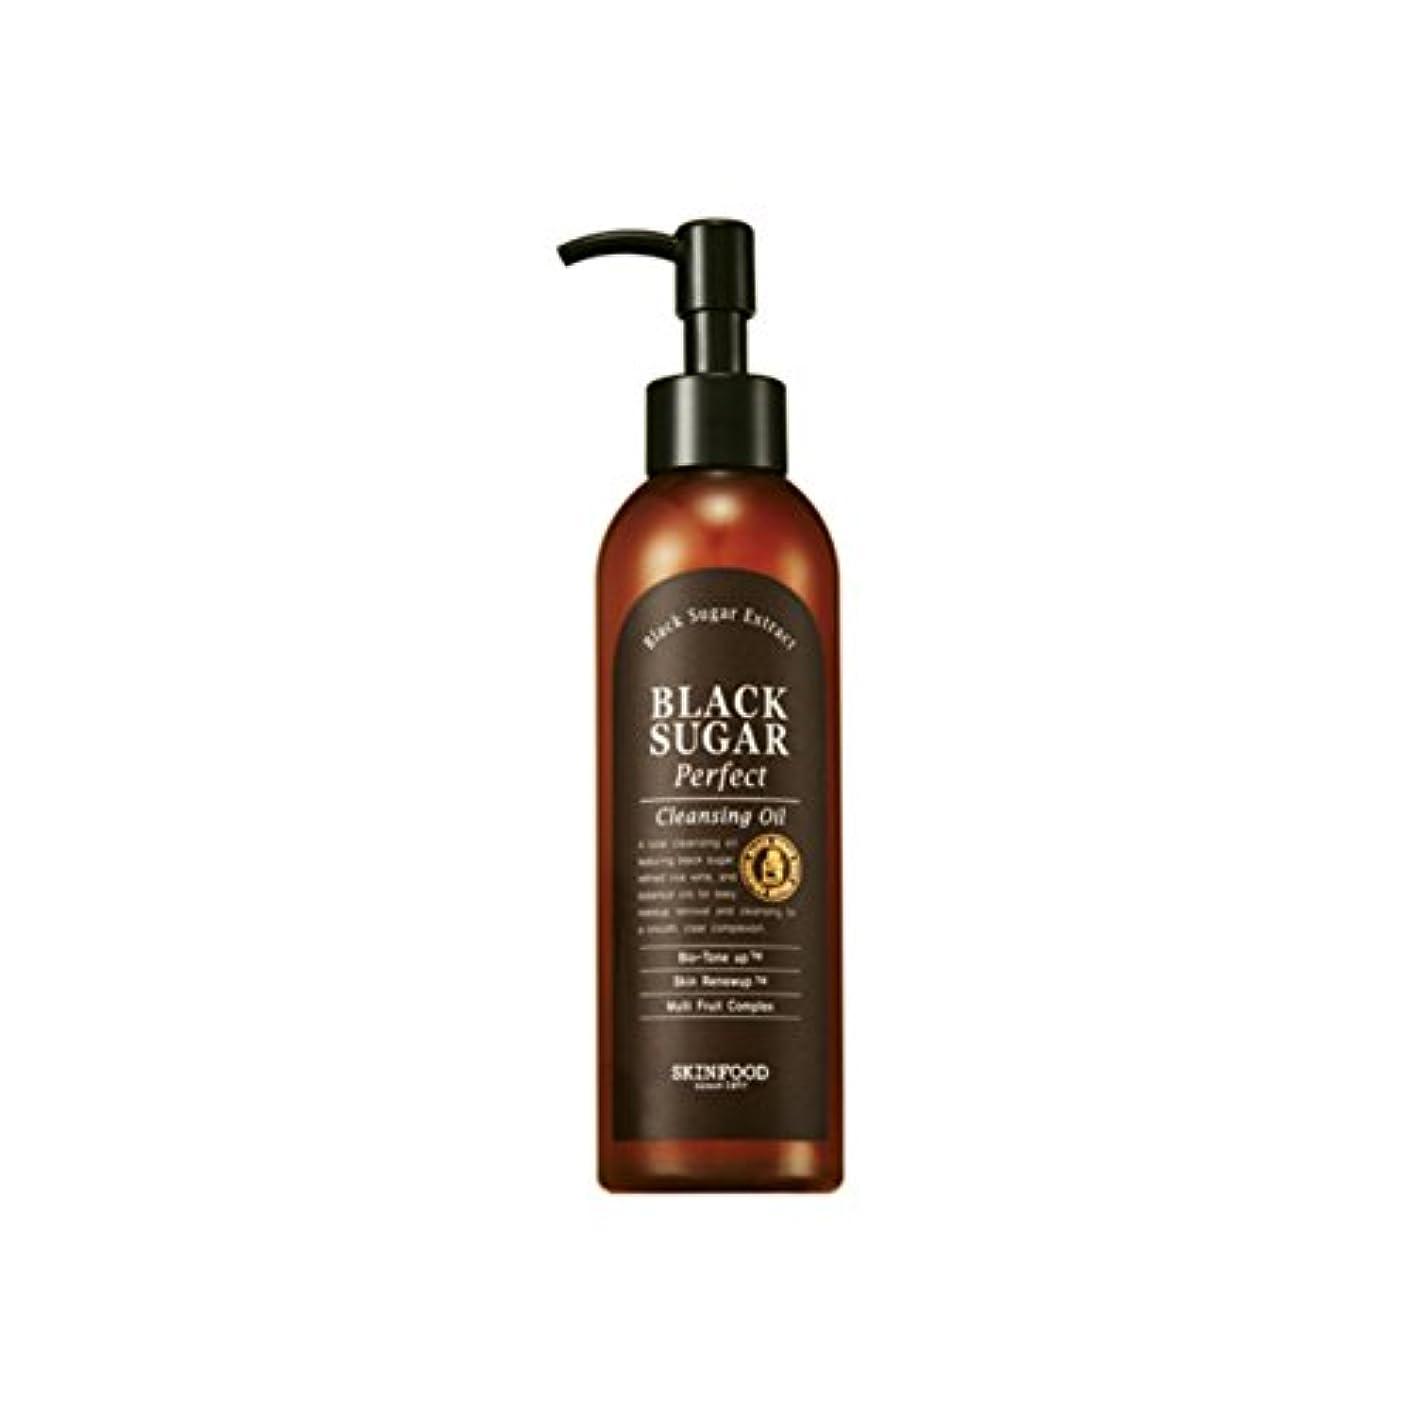 損なう使用法エクスタシー[スキンフード] SKINFOOD [ブラックシュガーパーフェクトクレンジングオイル] (Black Sugar Perfect Cleansing Oil) [並行輸入品]